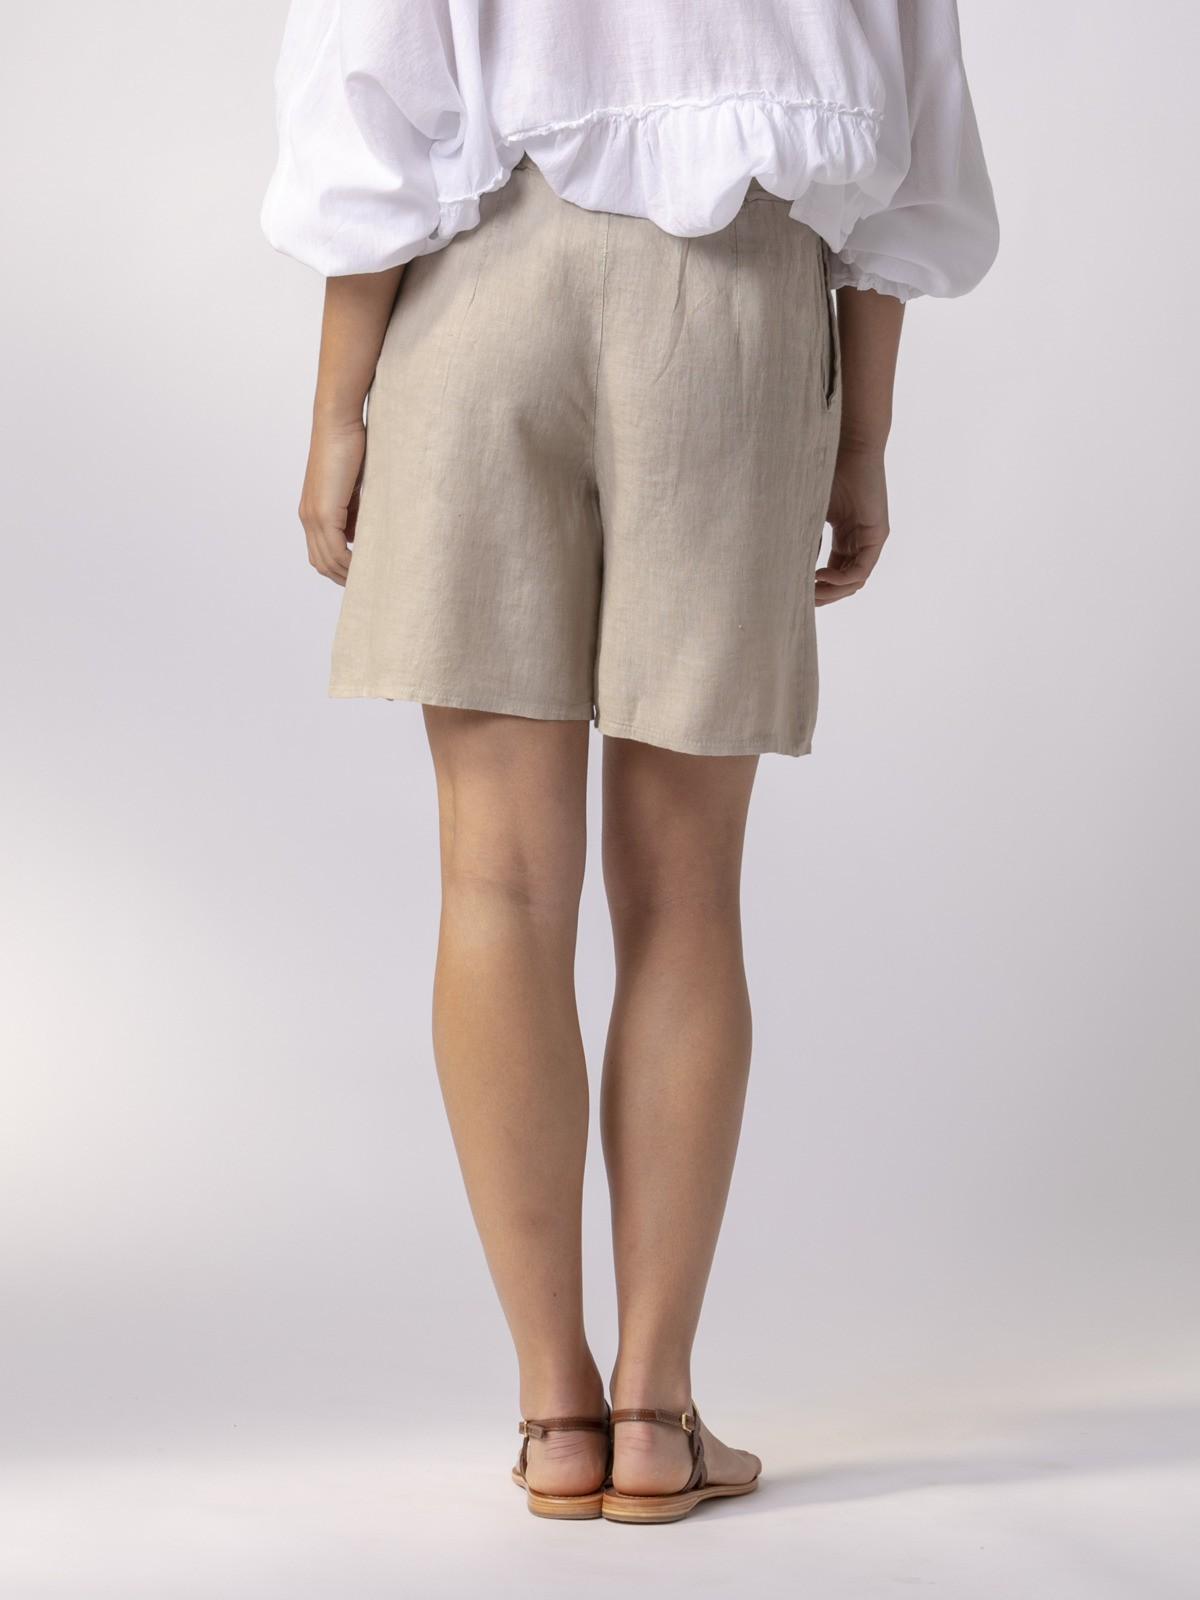 Bermuda mujer clásica de lino Beige